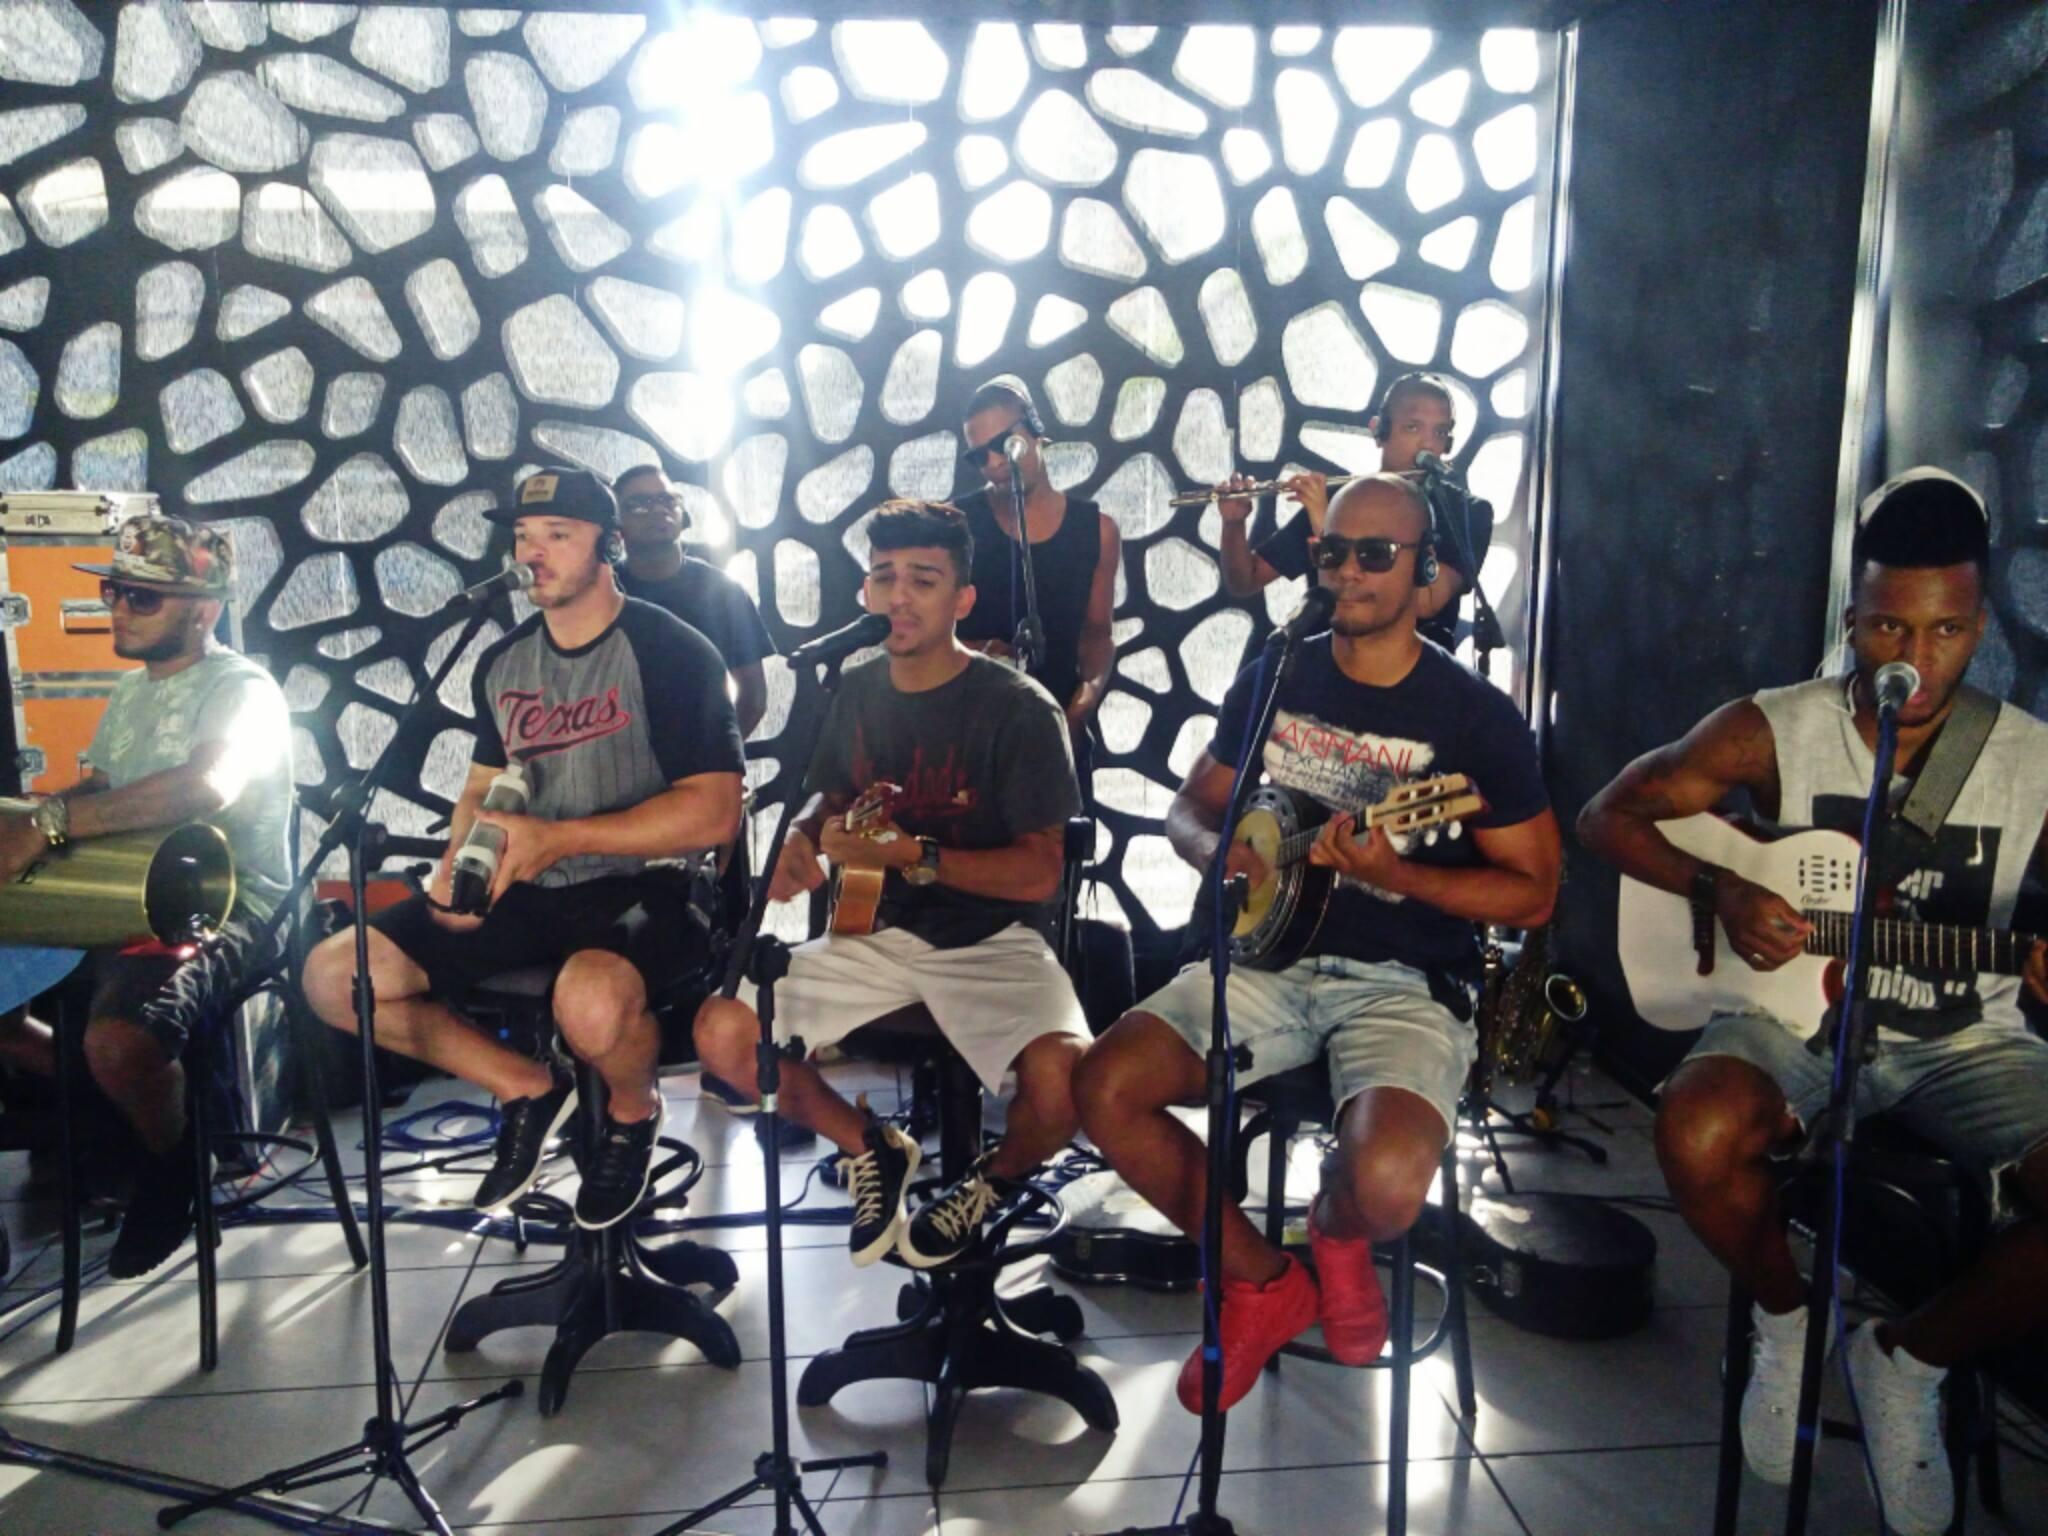 Tiroteo interrumpe el show en línea de una banda en Brasil